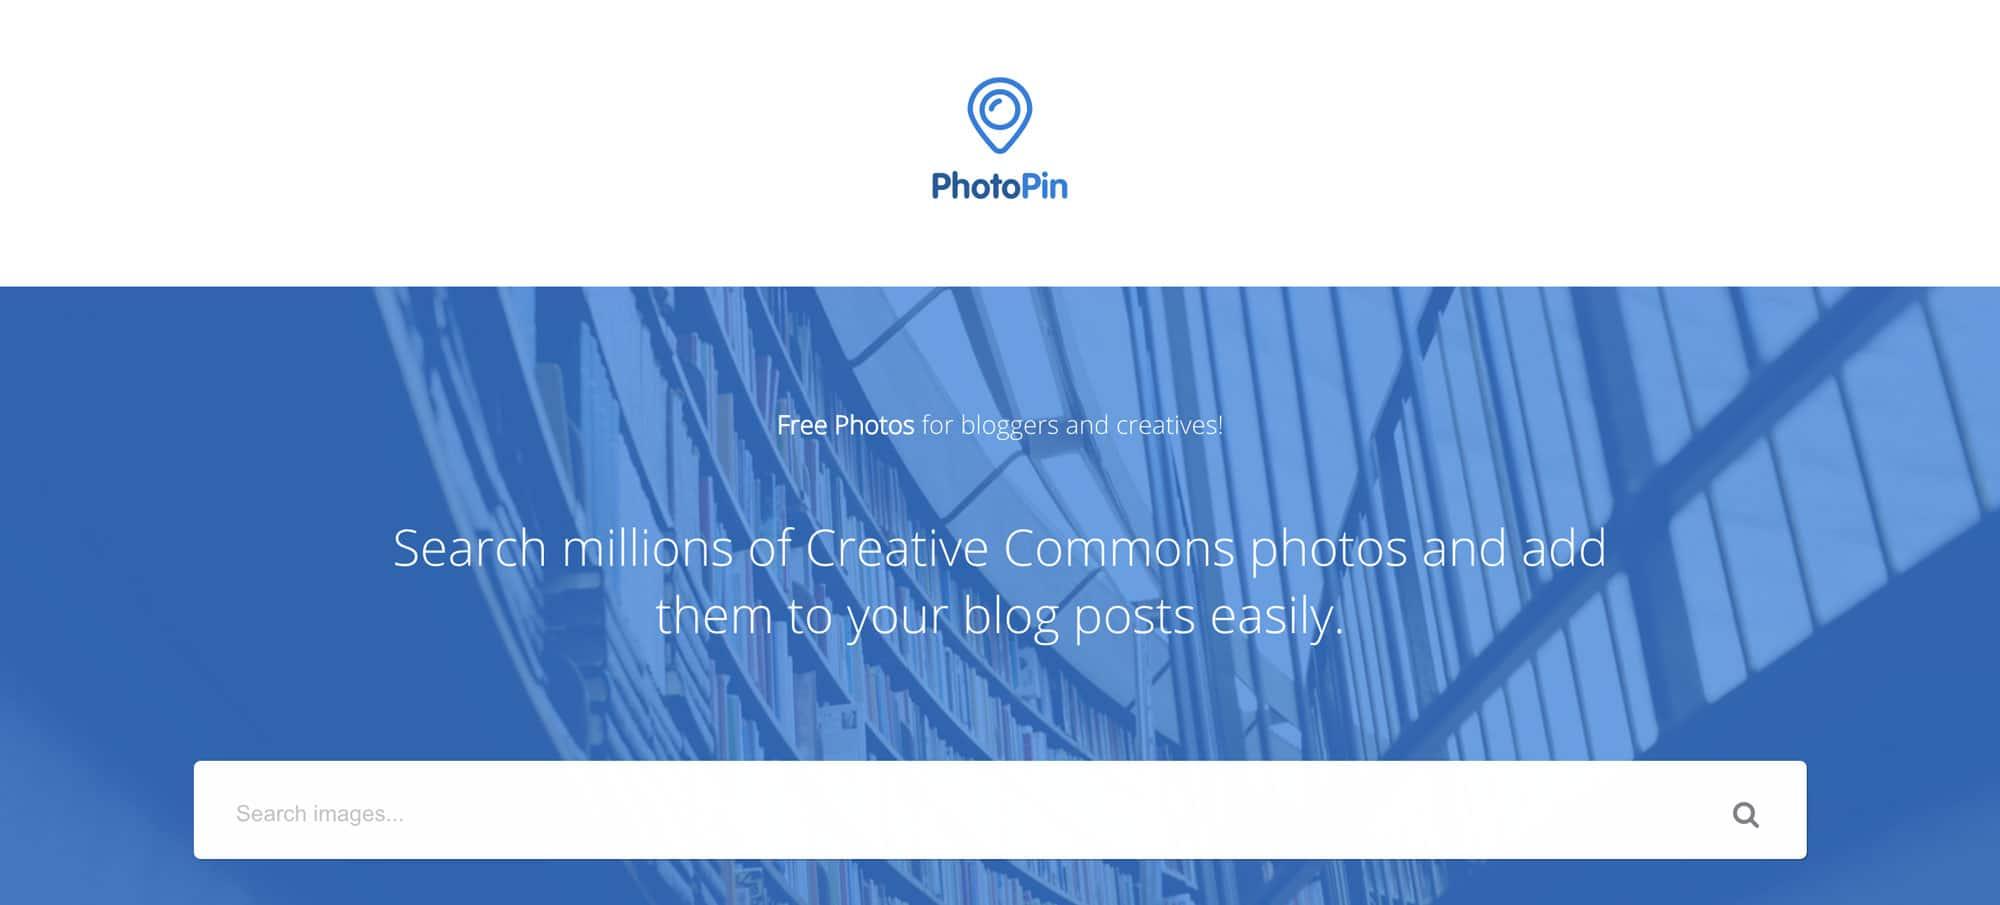 PhotoPin bietet eine gigantische Auswahl toller Bilder